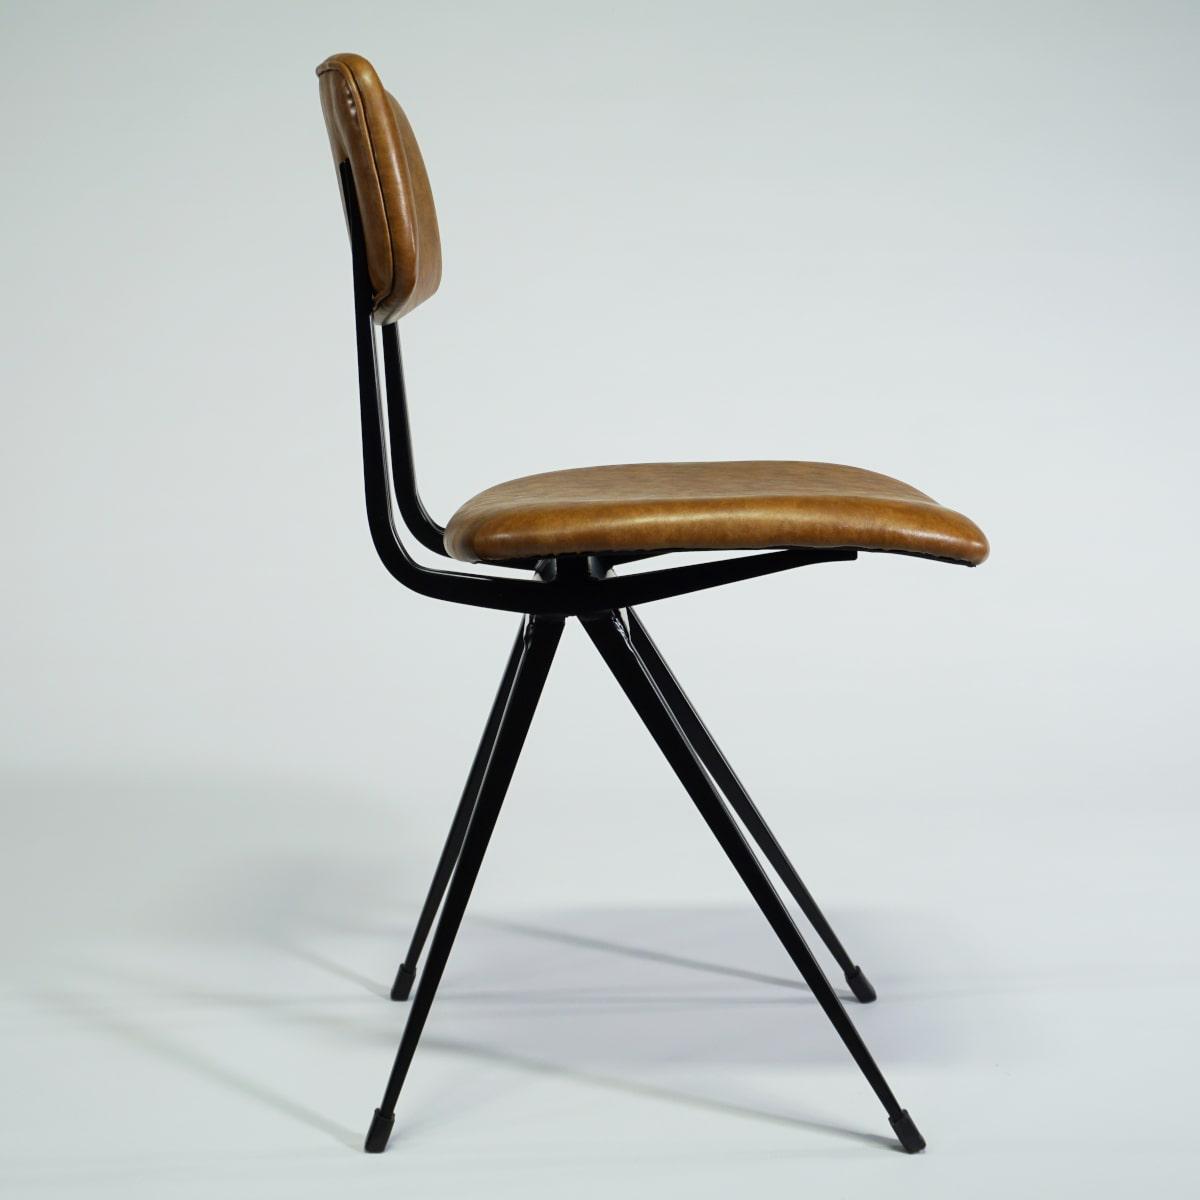 Seitansicht Old School Chair von Fabrikschick